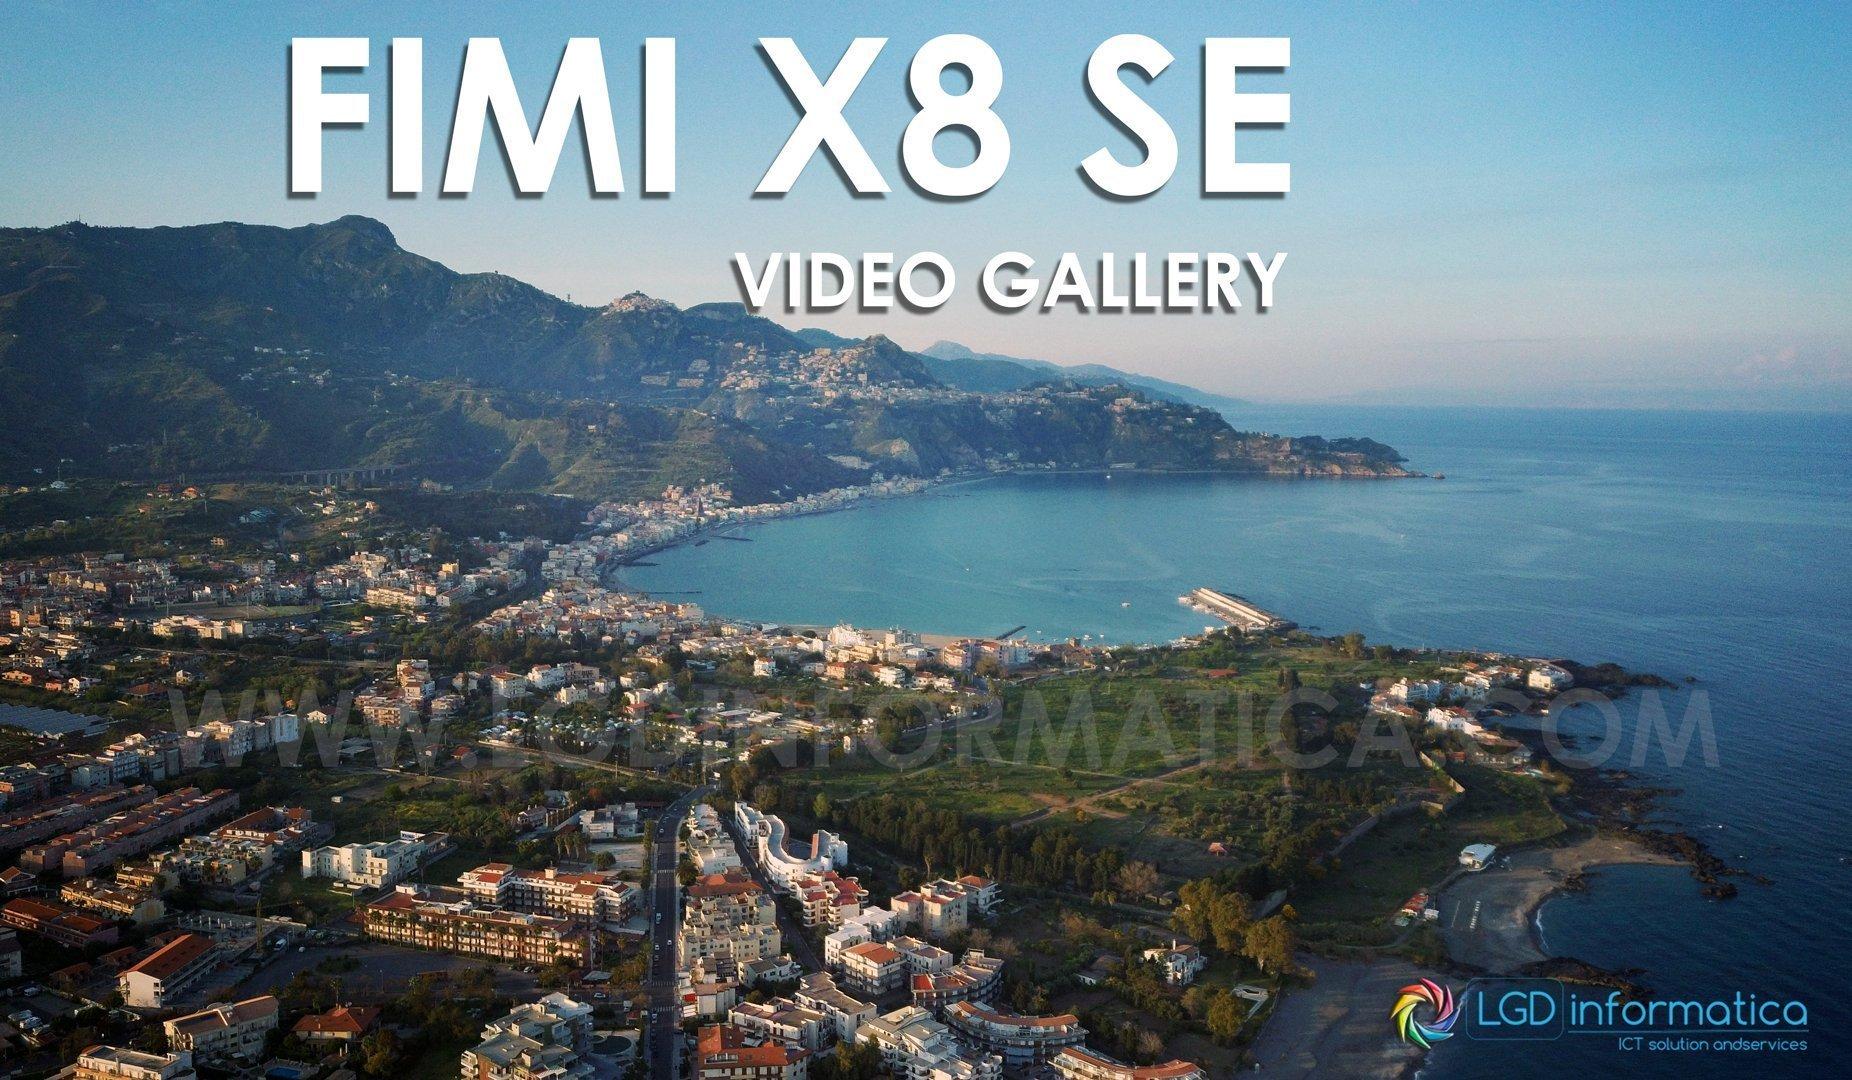 Xiaomi FIMI X8 SE video gallery Foto panoramica sul mare di Sicilia